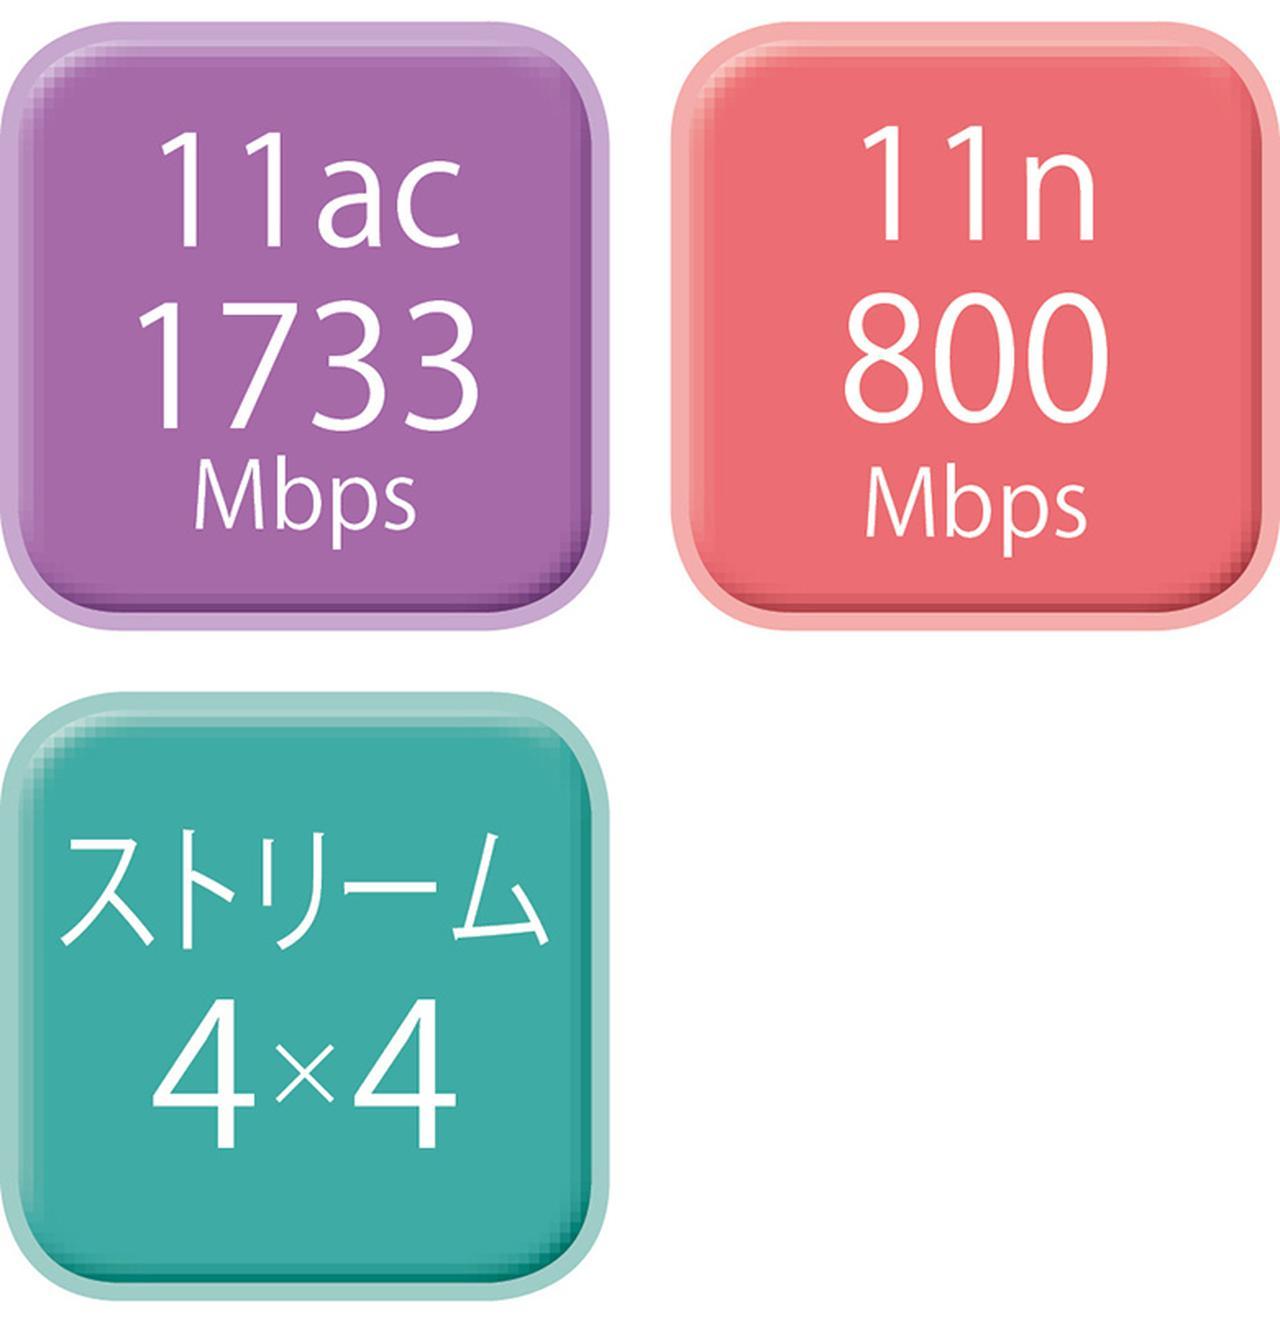 画像2: 【Wi-Fiルーター】アンテナの本数はなぜ違う?通信速度と関係がある?